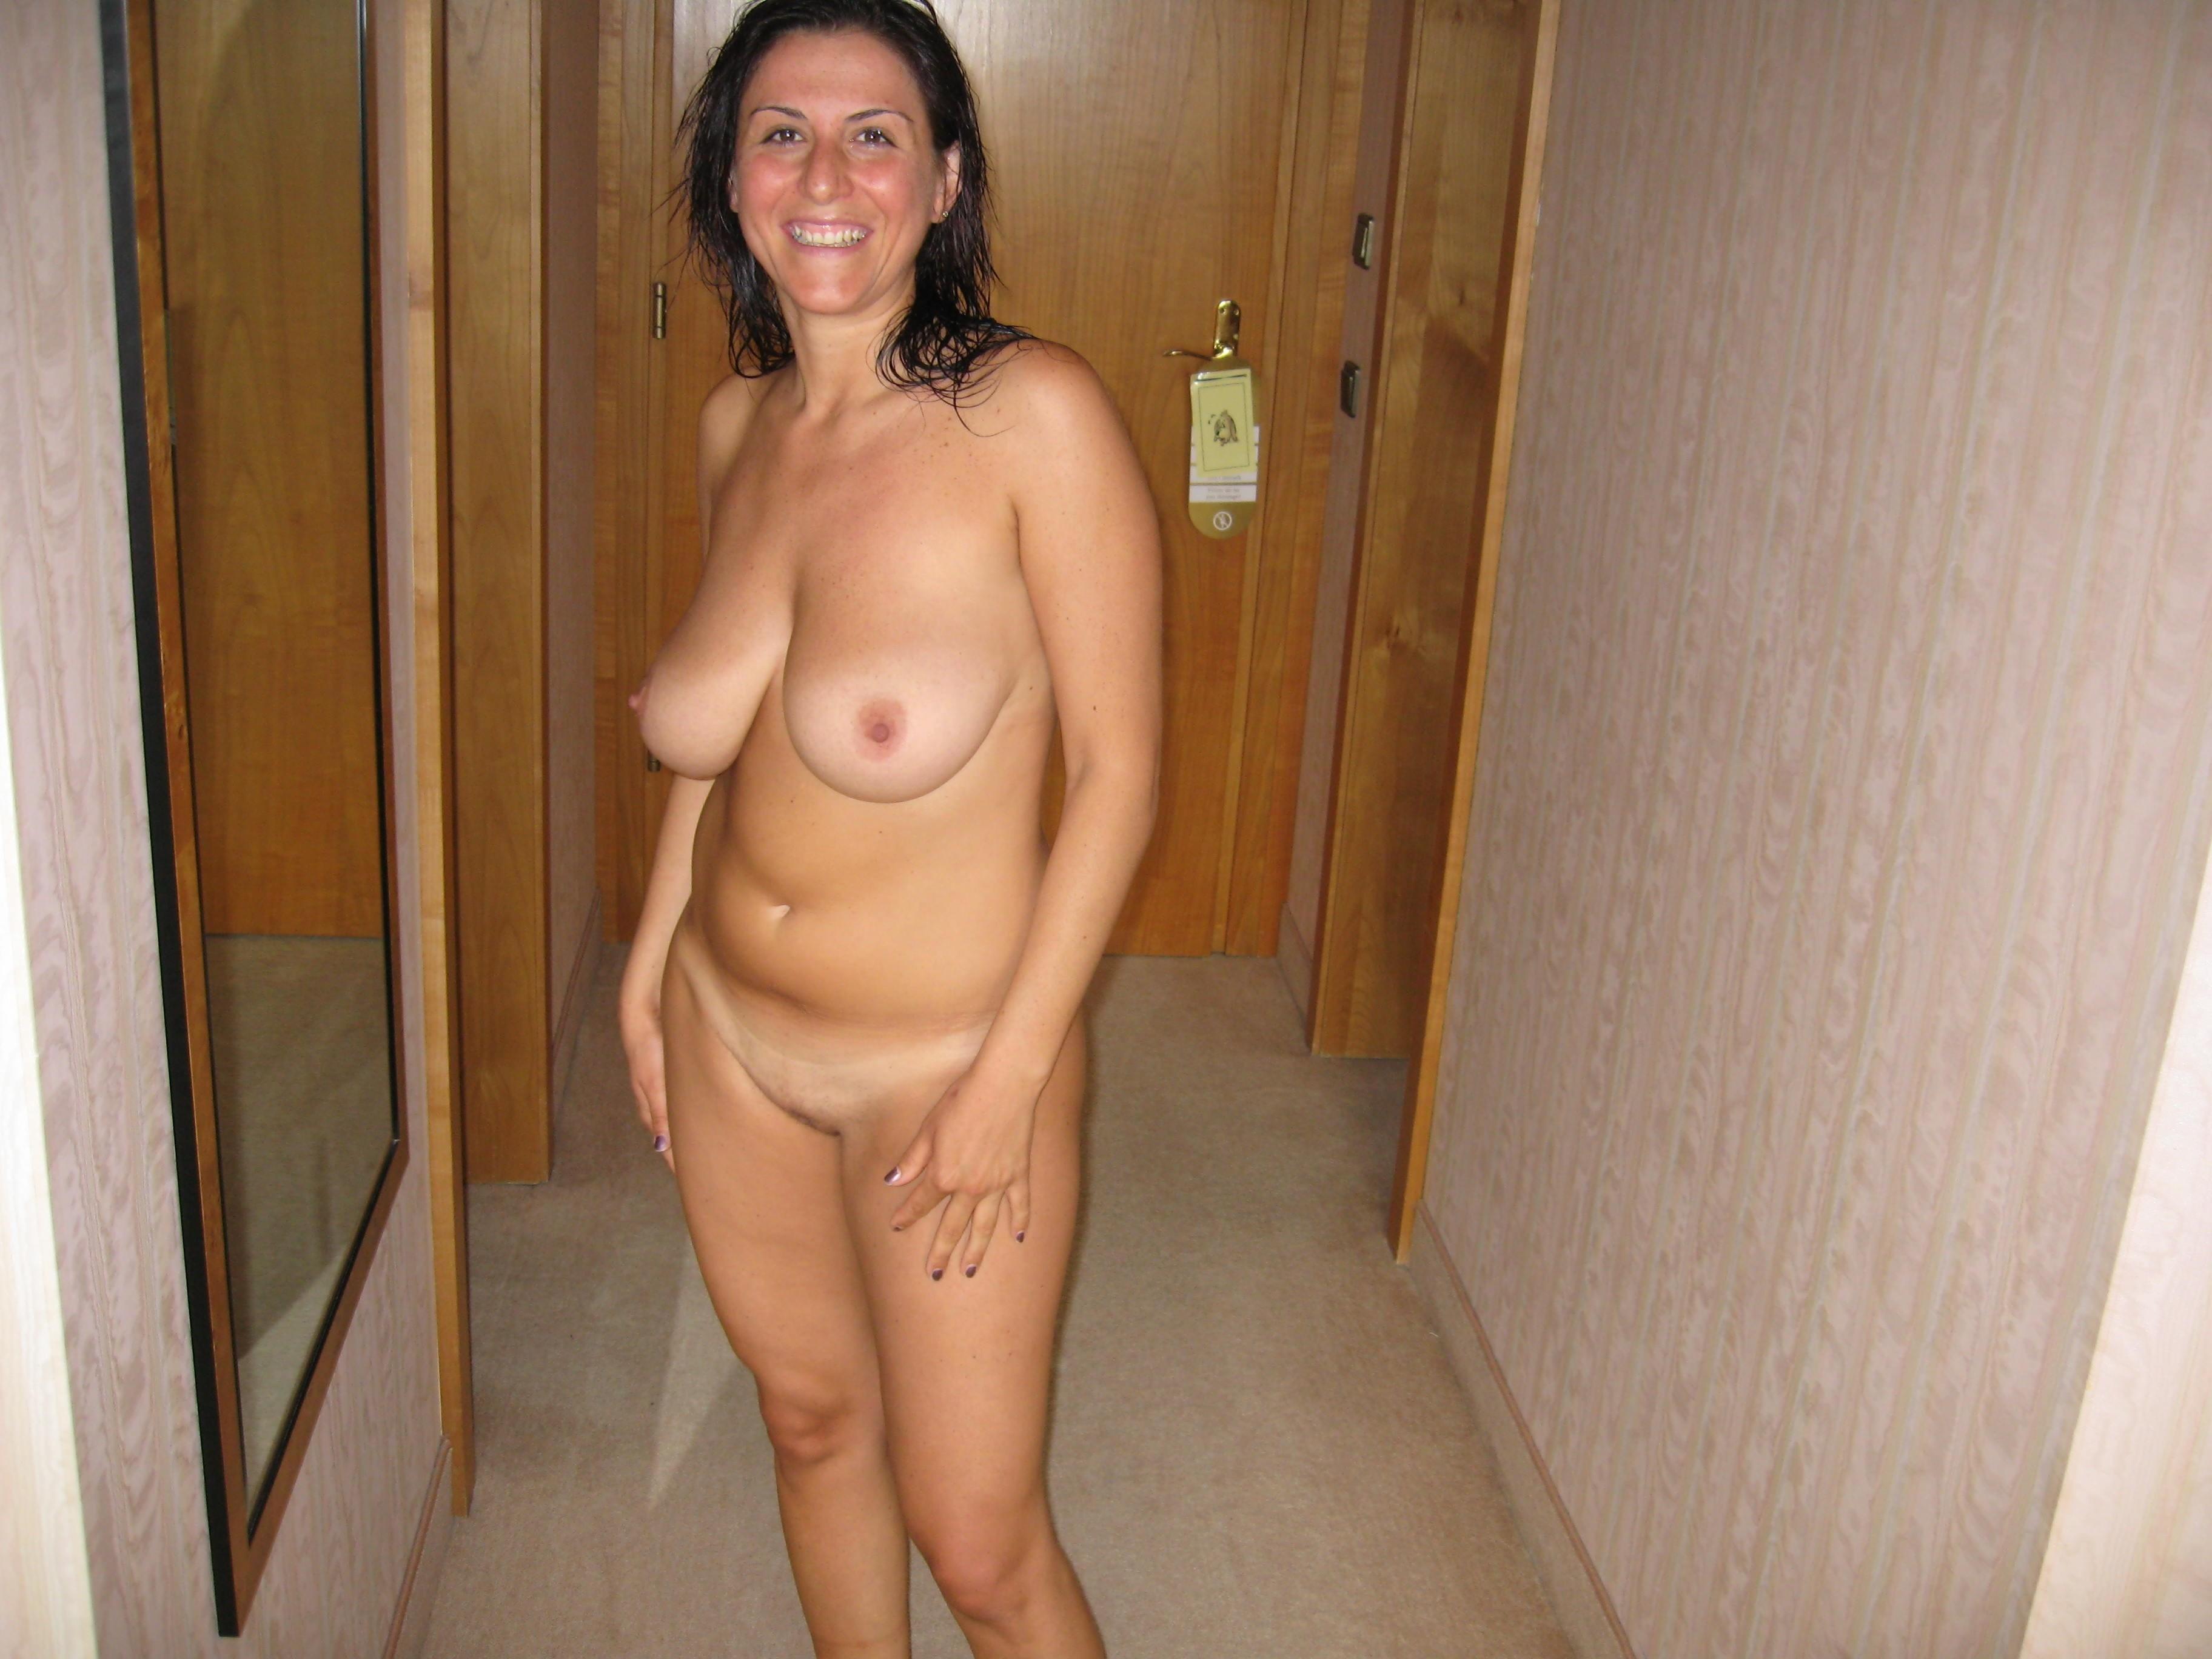 фото голых женщин дома был